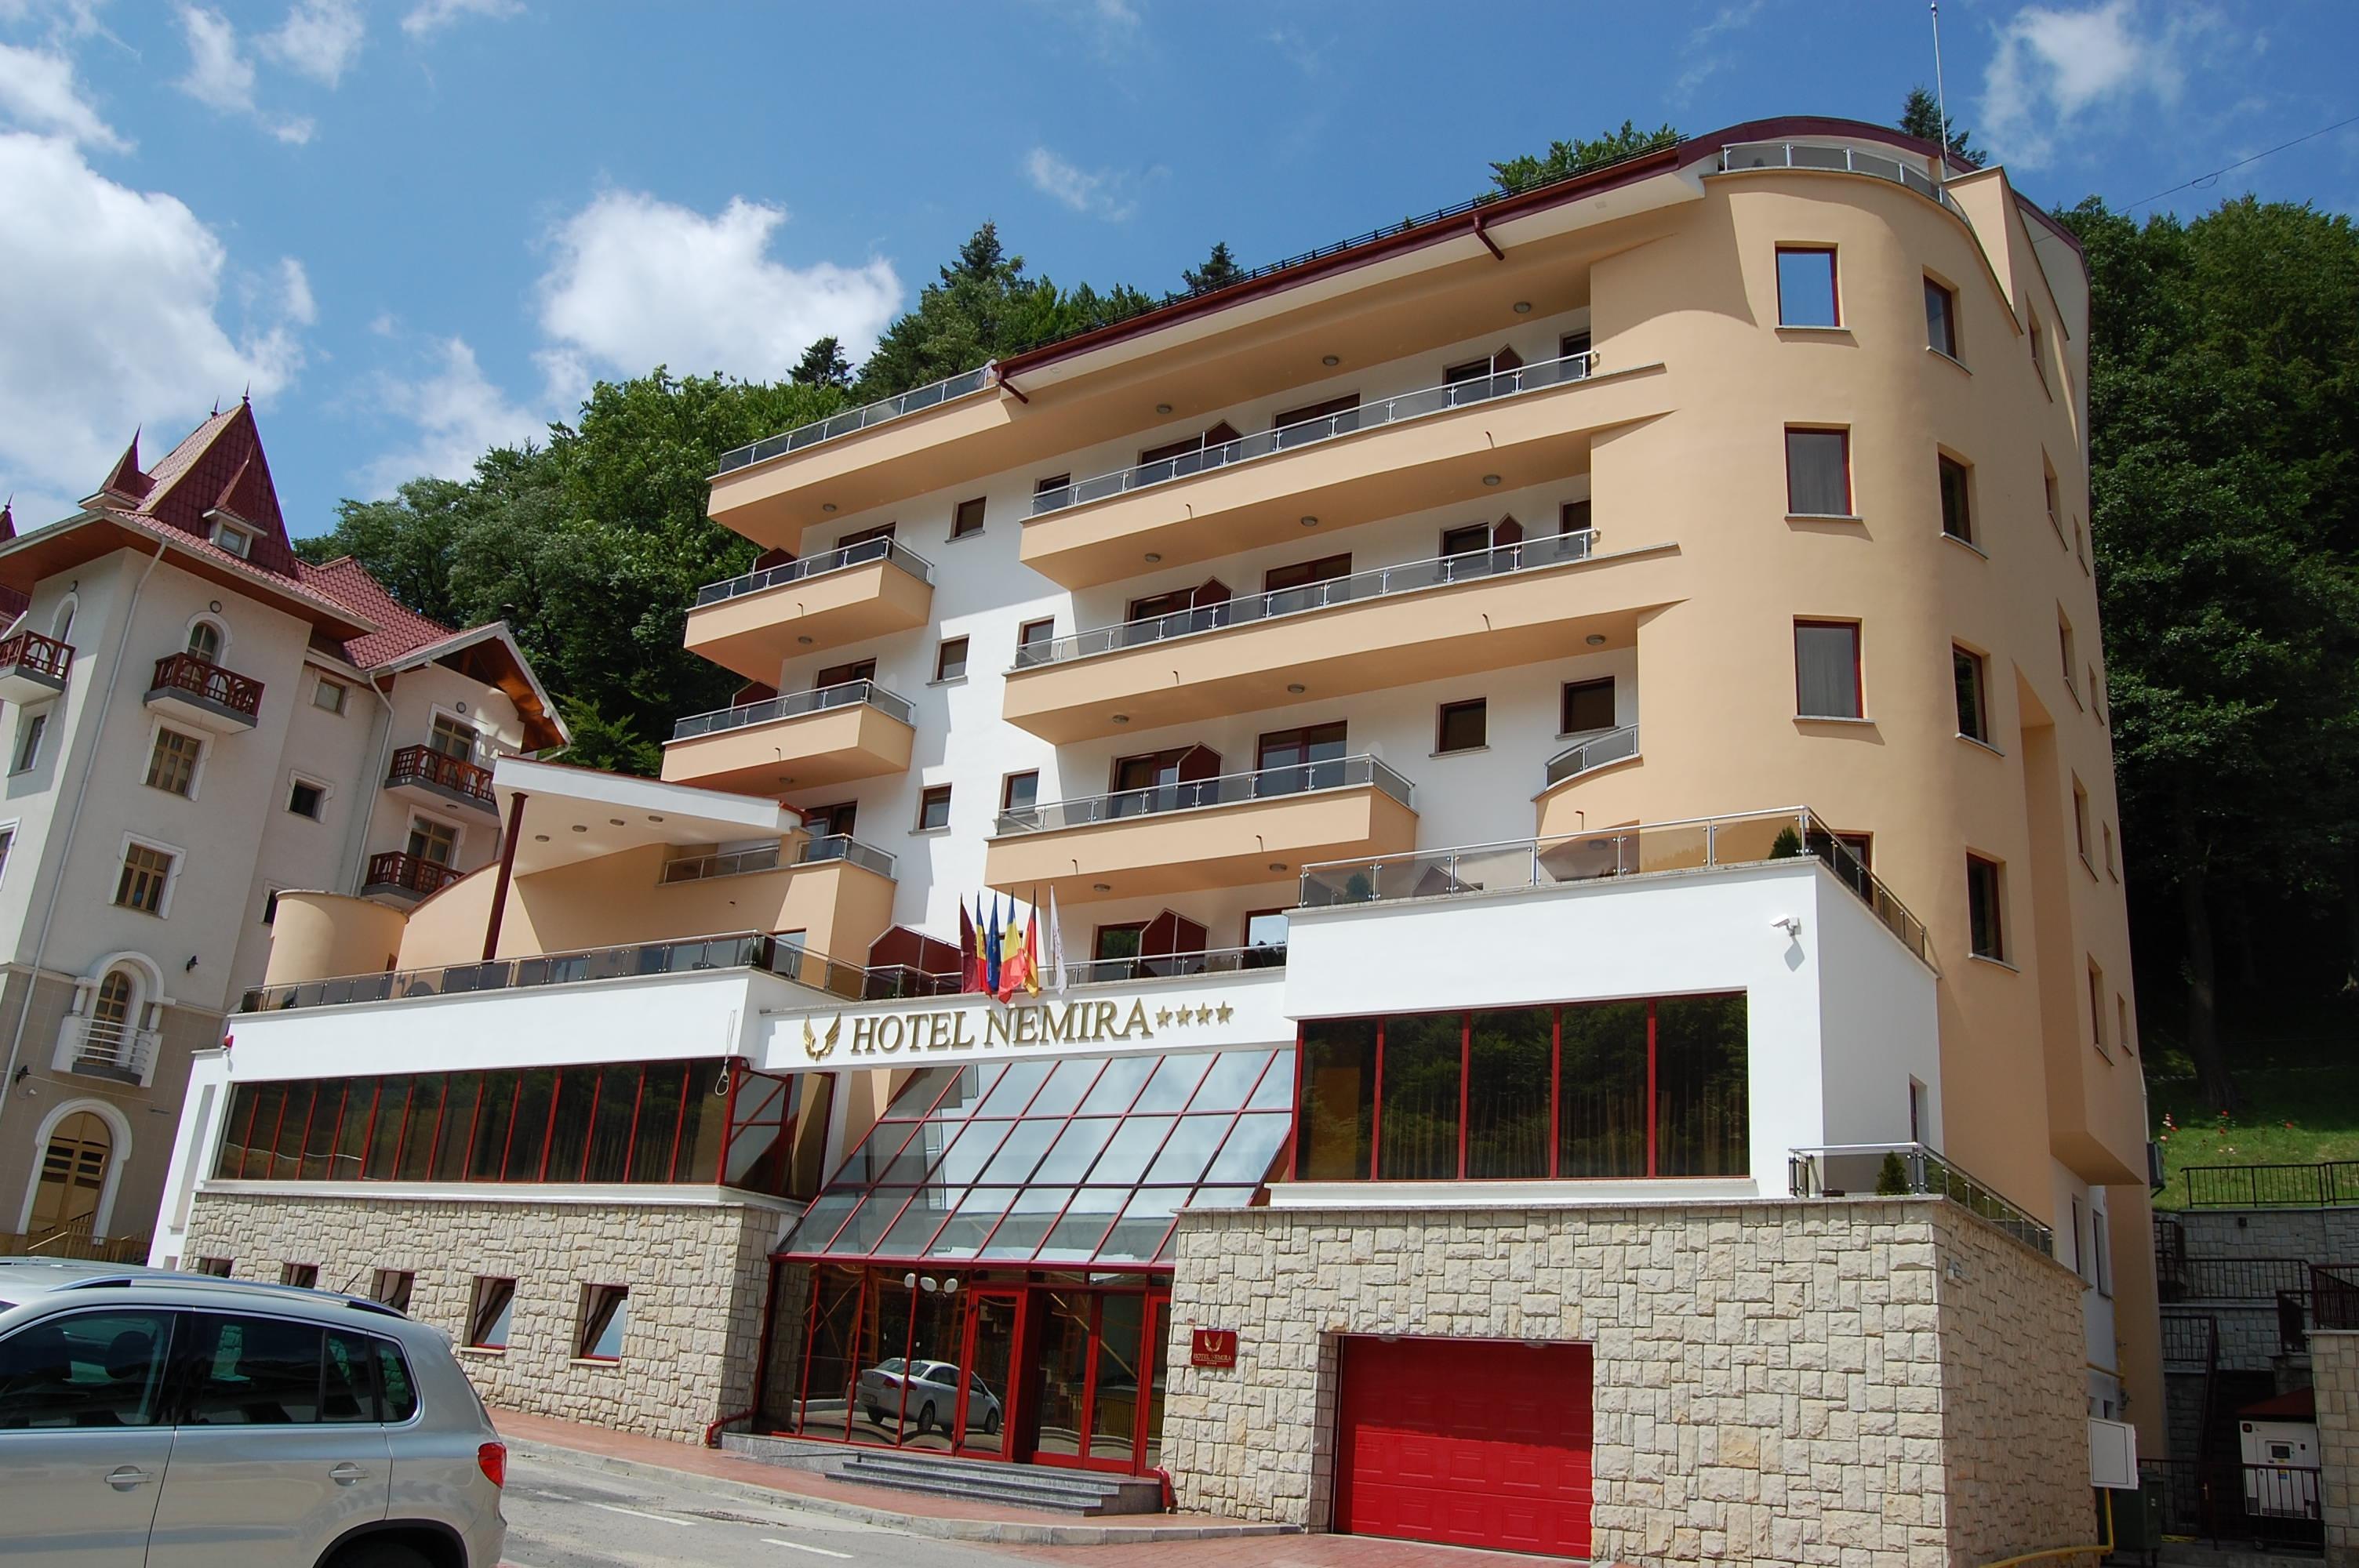 HOTEL NEMIRA SLANIC MOLDOVA